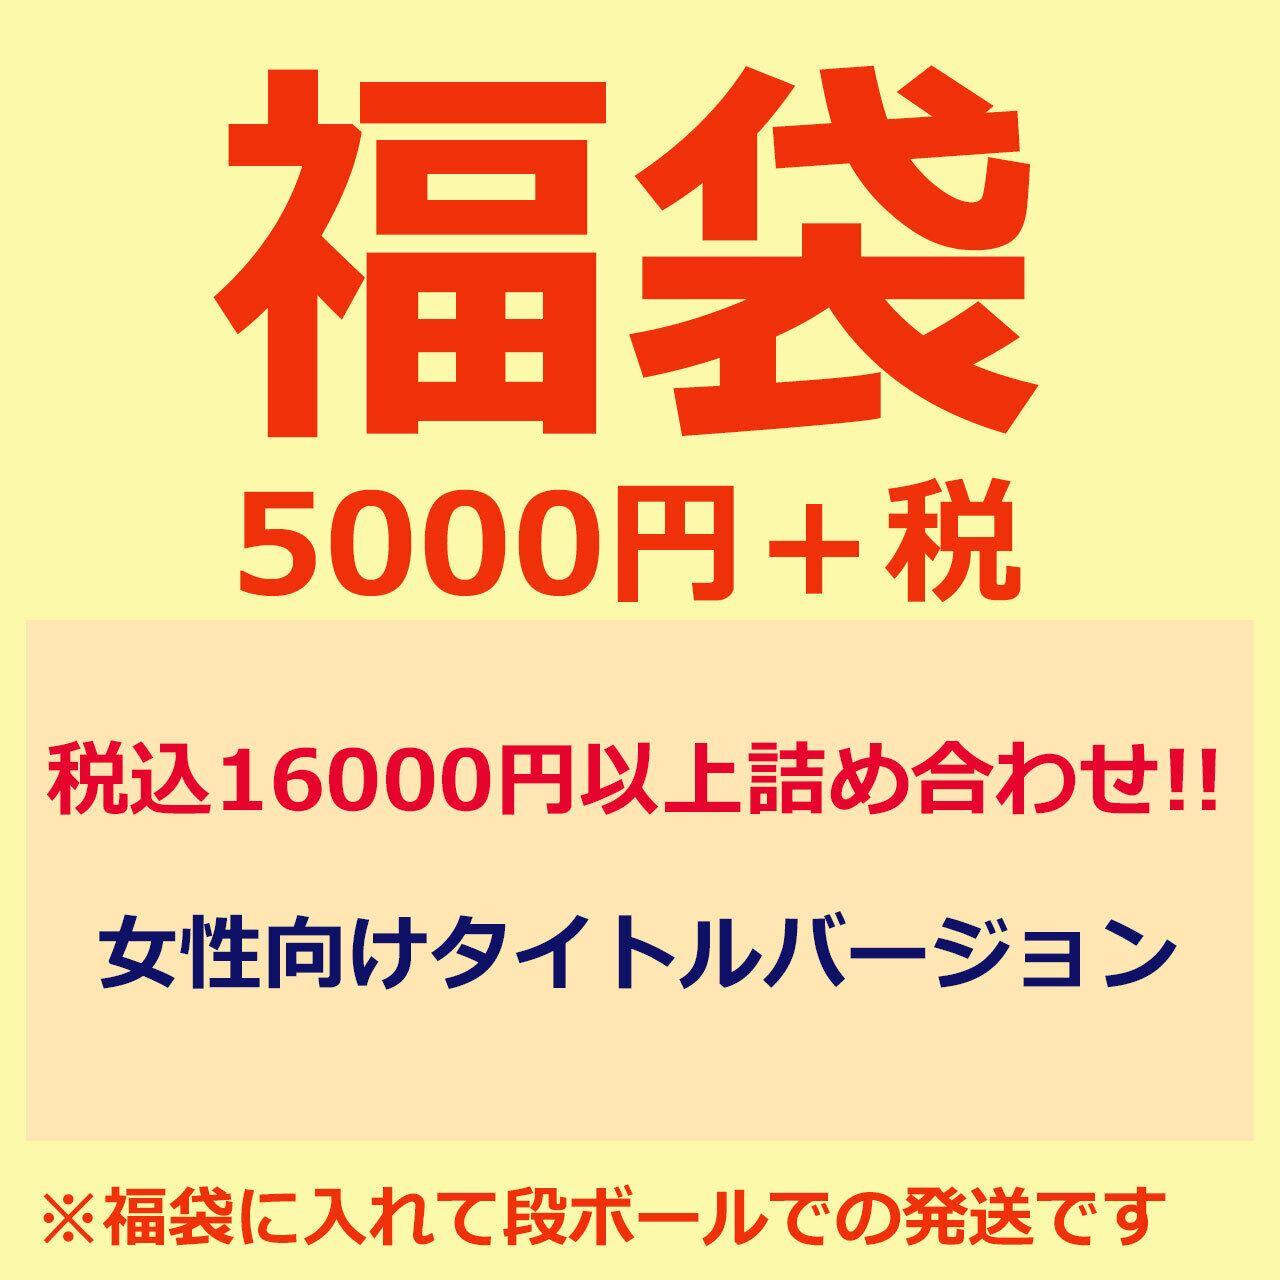 【5500円】アニメグッズ福袋 2021決算セール 女性向け